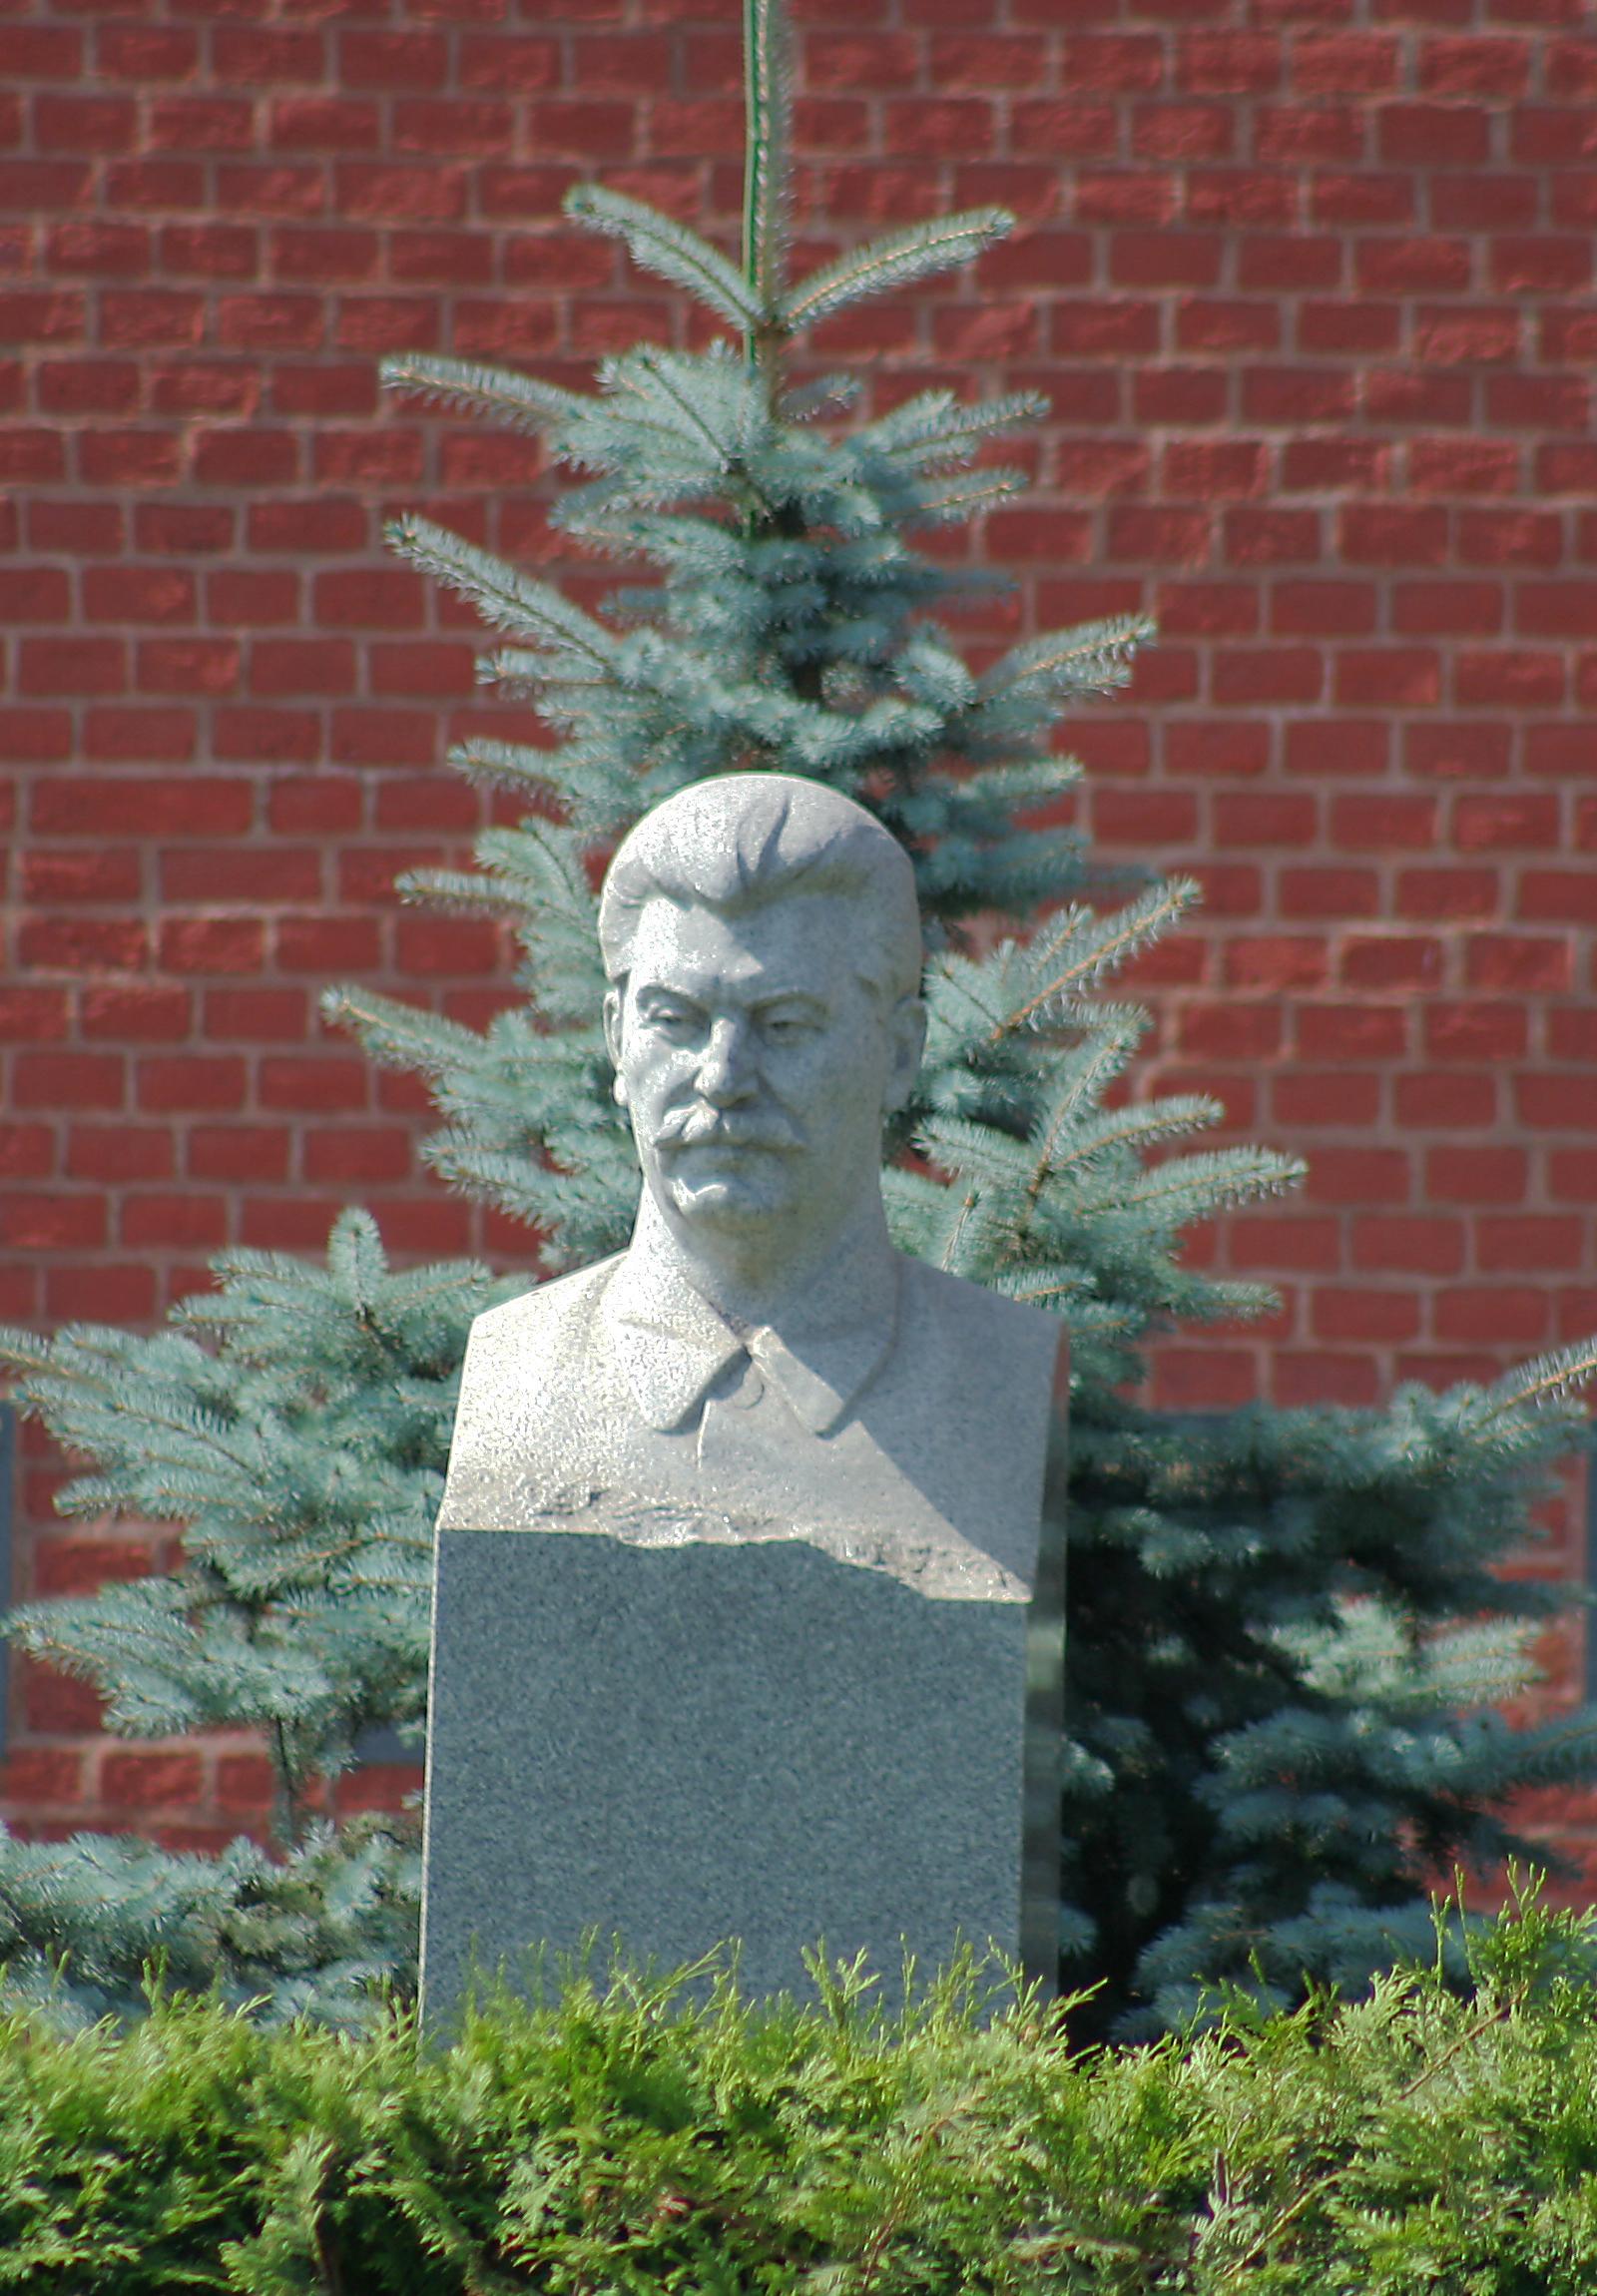 фото стене в памятники кремлевской